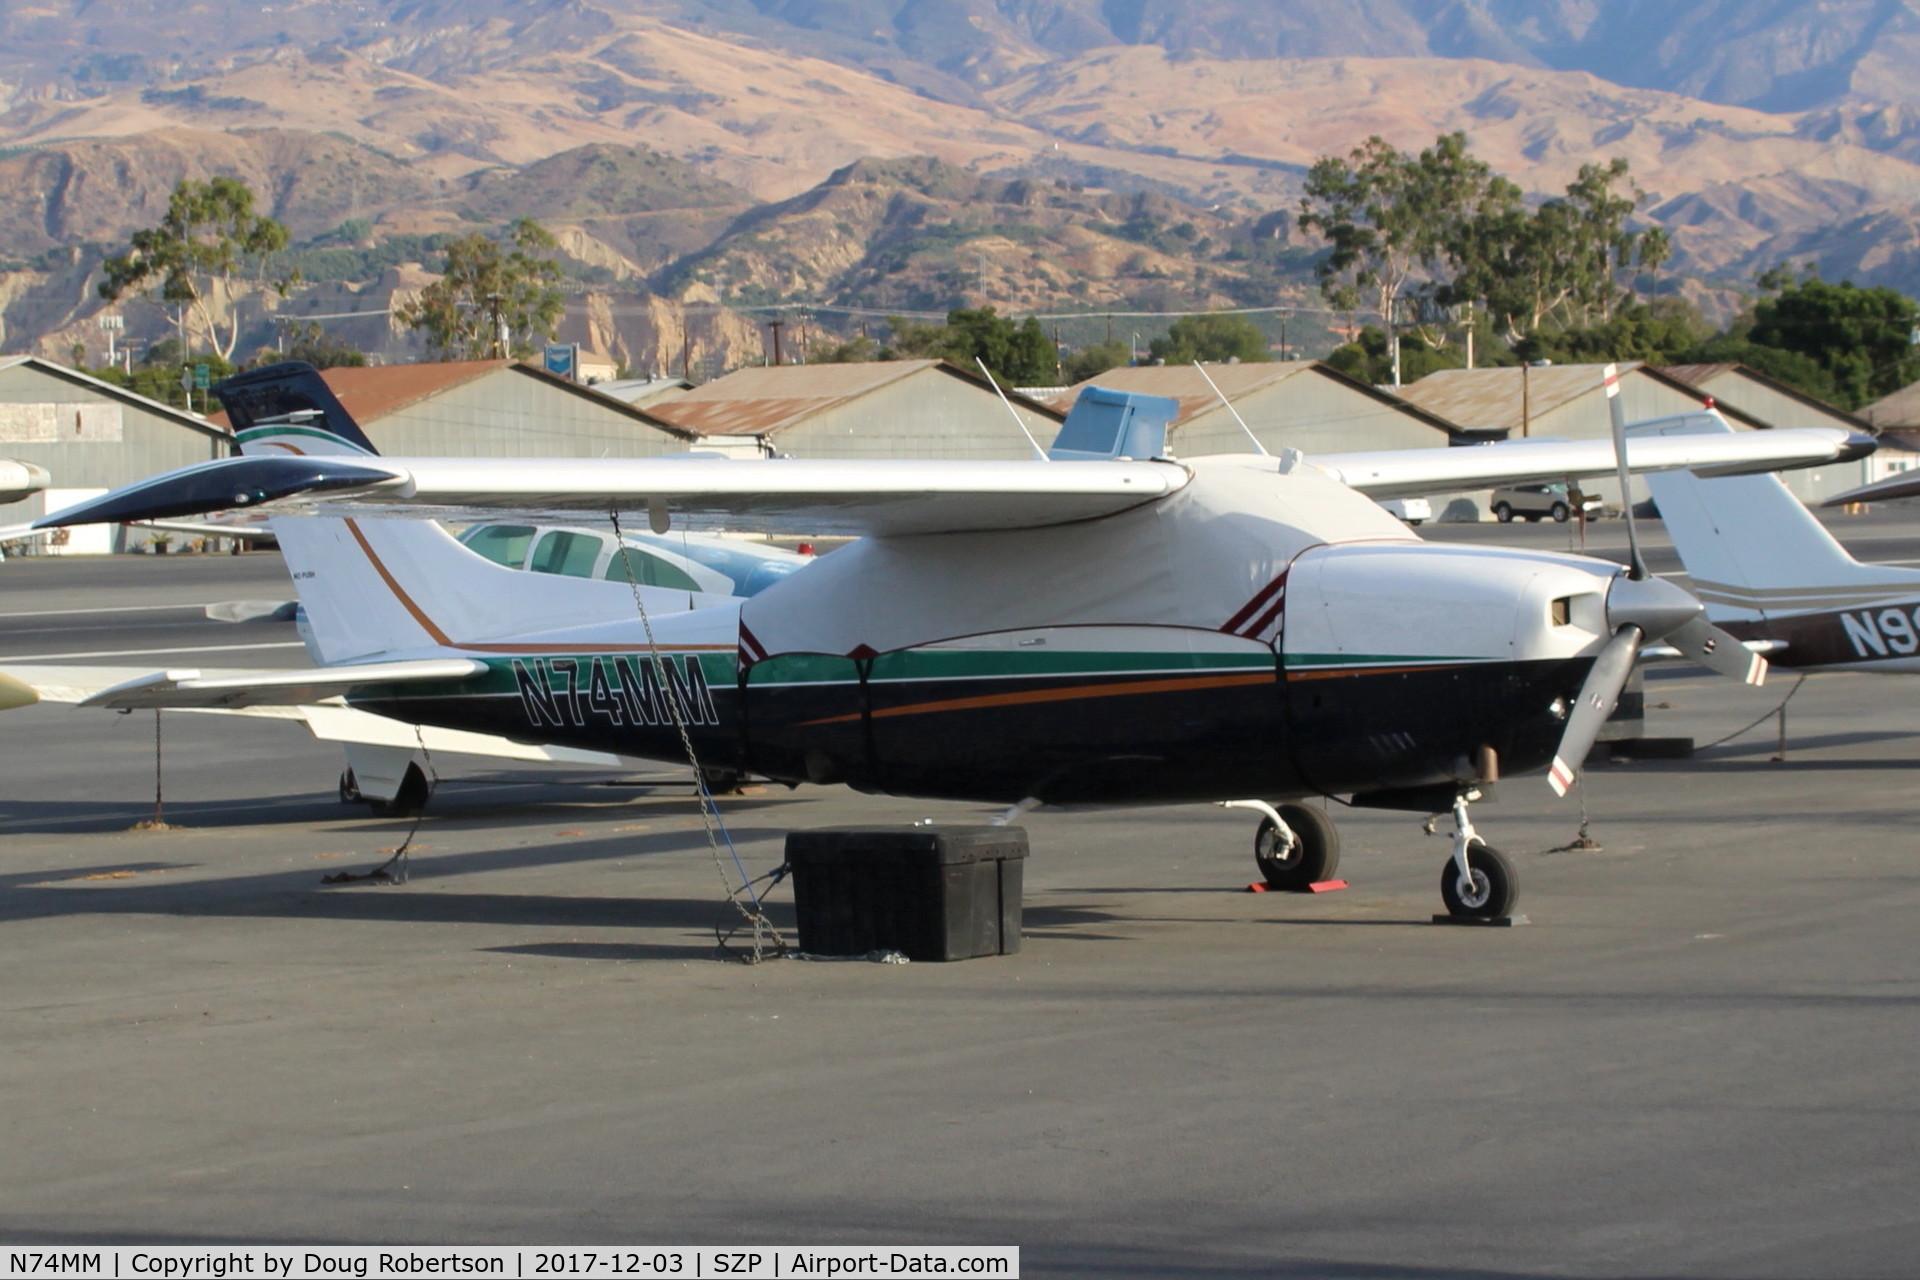 N74MM, 1974 Cessna T210L Turbo Centurion C/N 21060375, 1974 Cessna T210L TURBO CENTURION, Continental TSIO-550 310 Hp